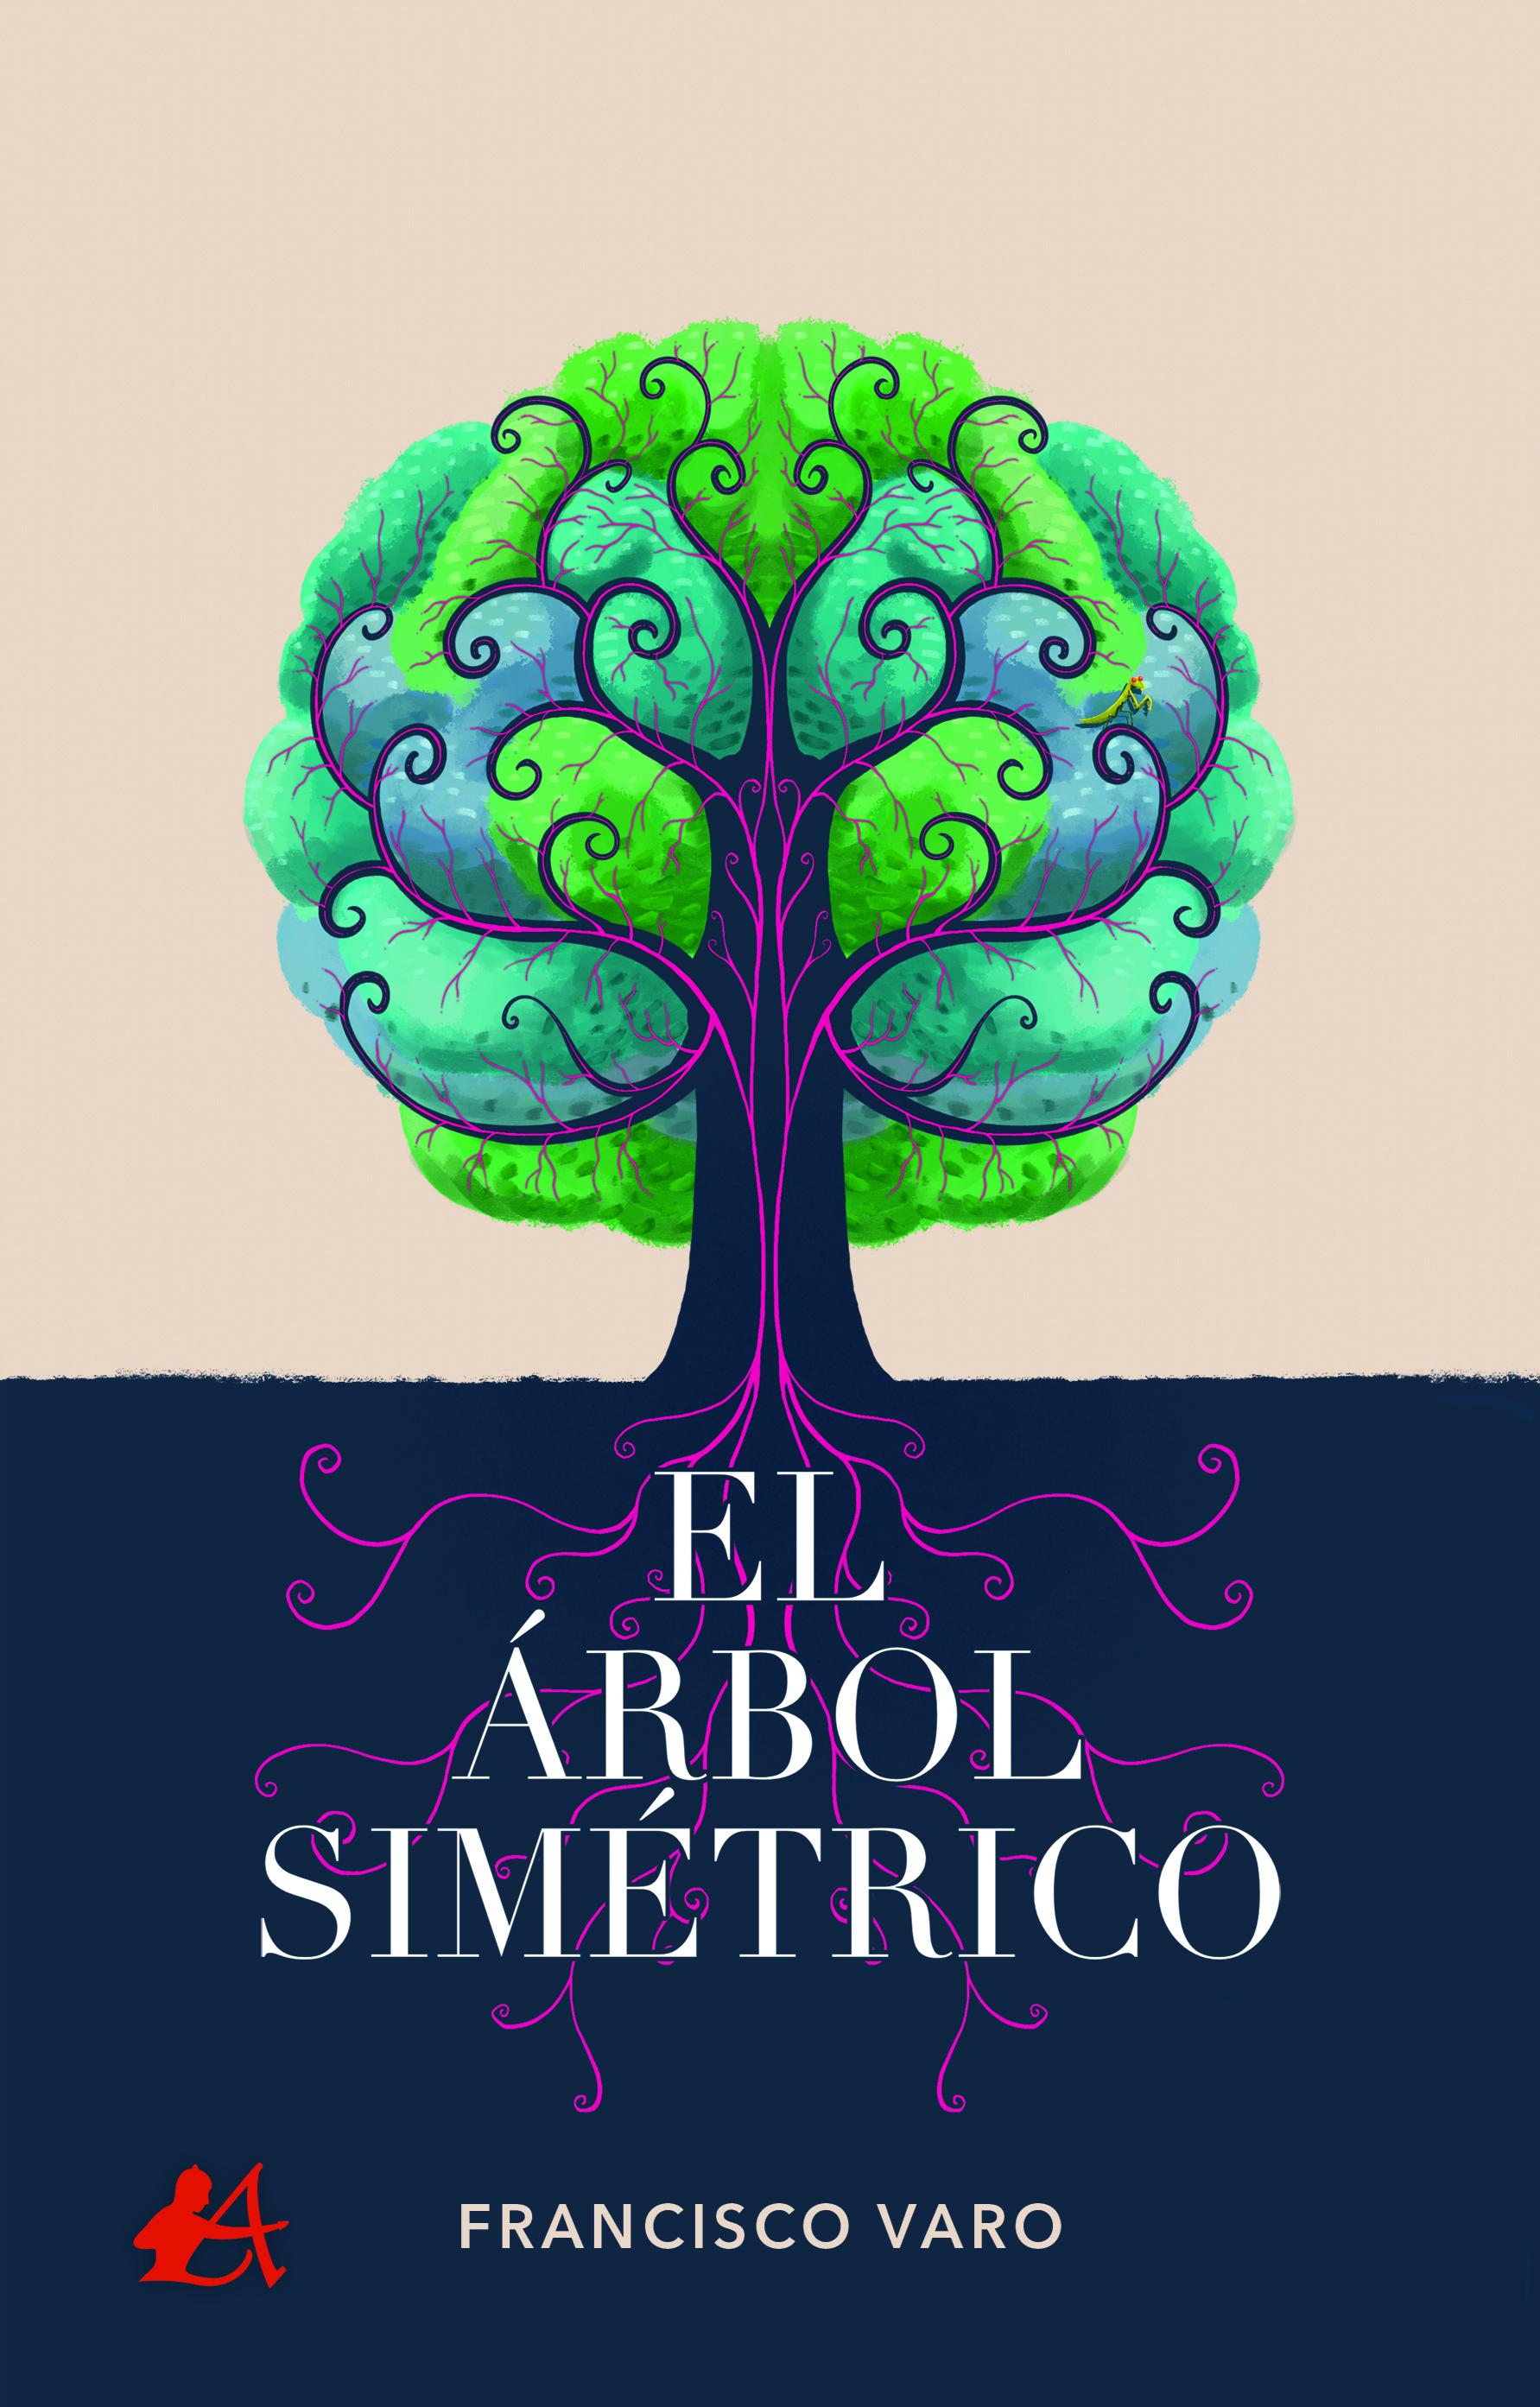 Portada del libro El árbol simétrico de Francisco Varo. Editorial Adarve, Escritores de hoy